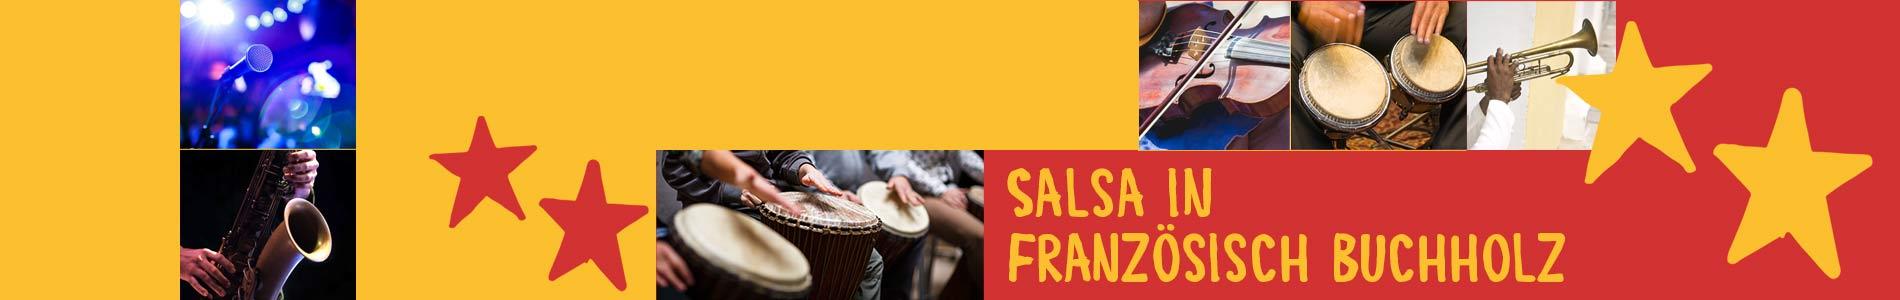 Salsa in Französisch Buchholz – Salsa lernen und tanzen, Tanzkurse, Partys, Veranstaltungen